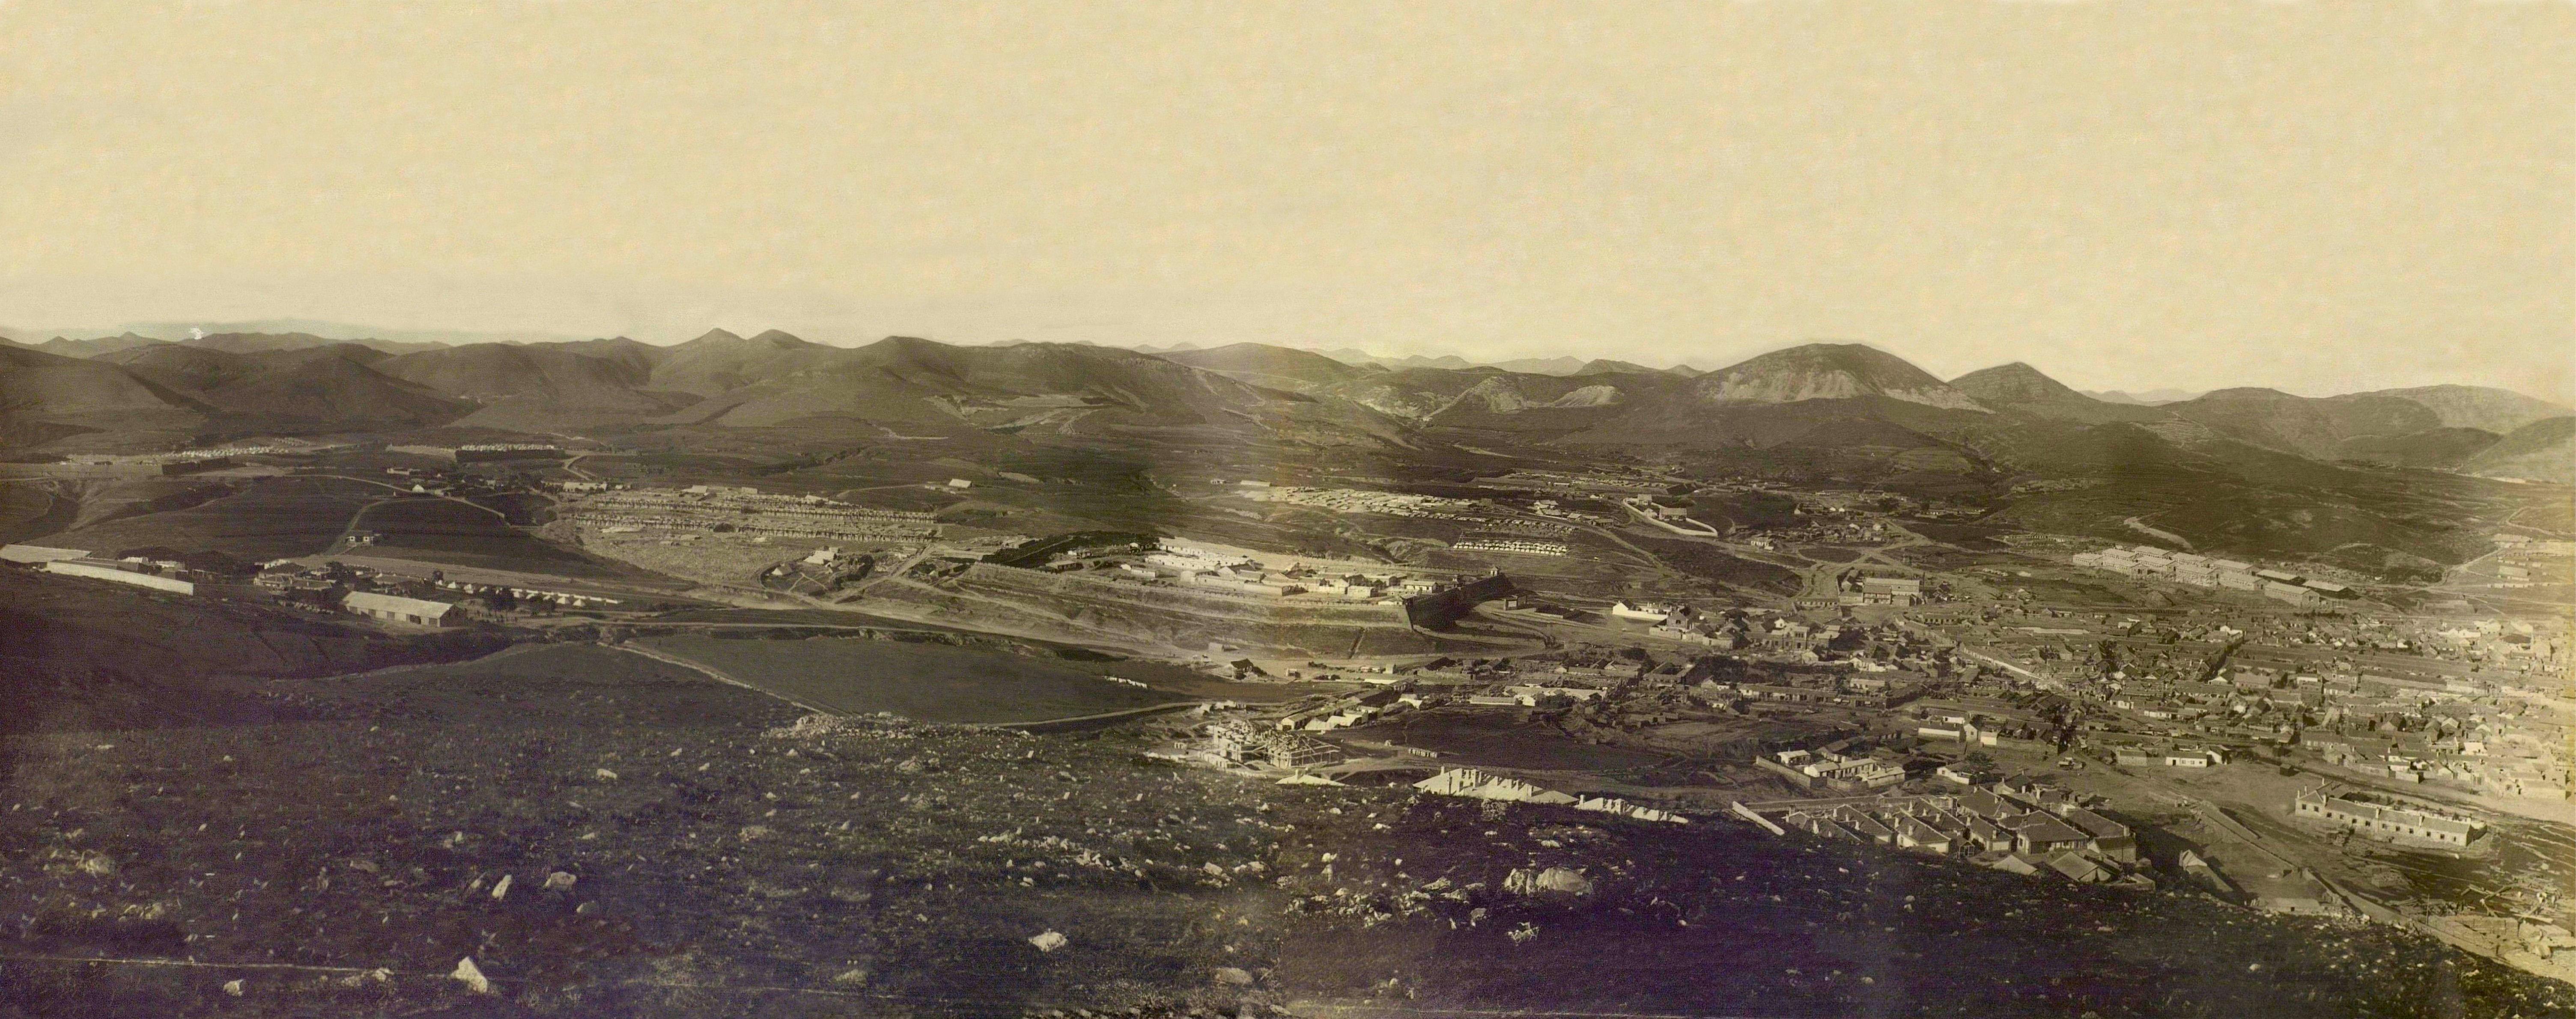 Панорама восточной части П-Артура